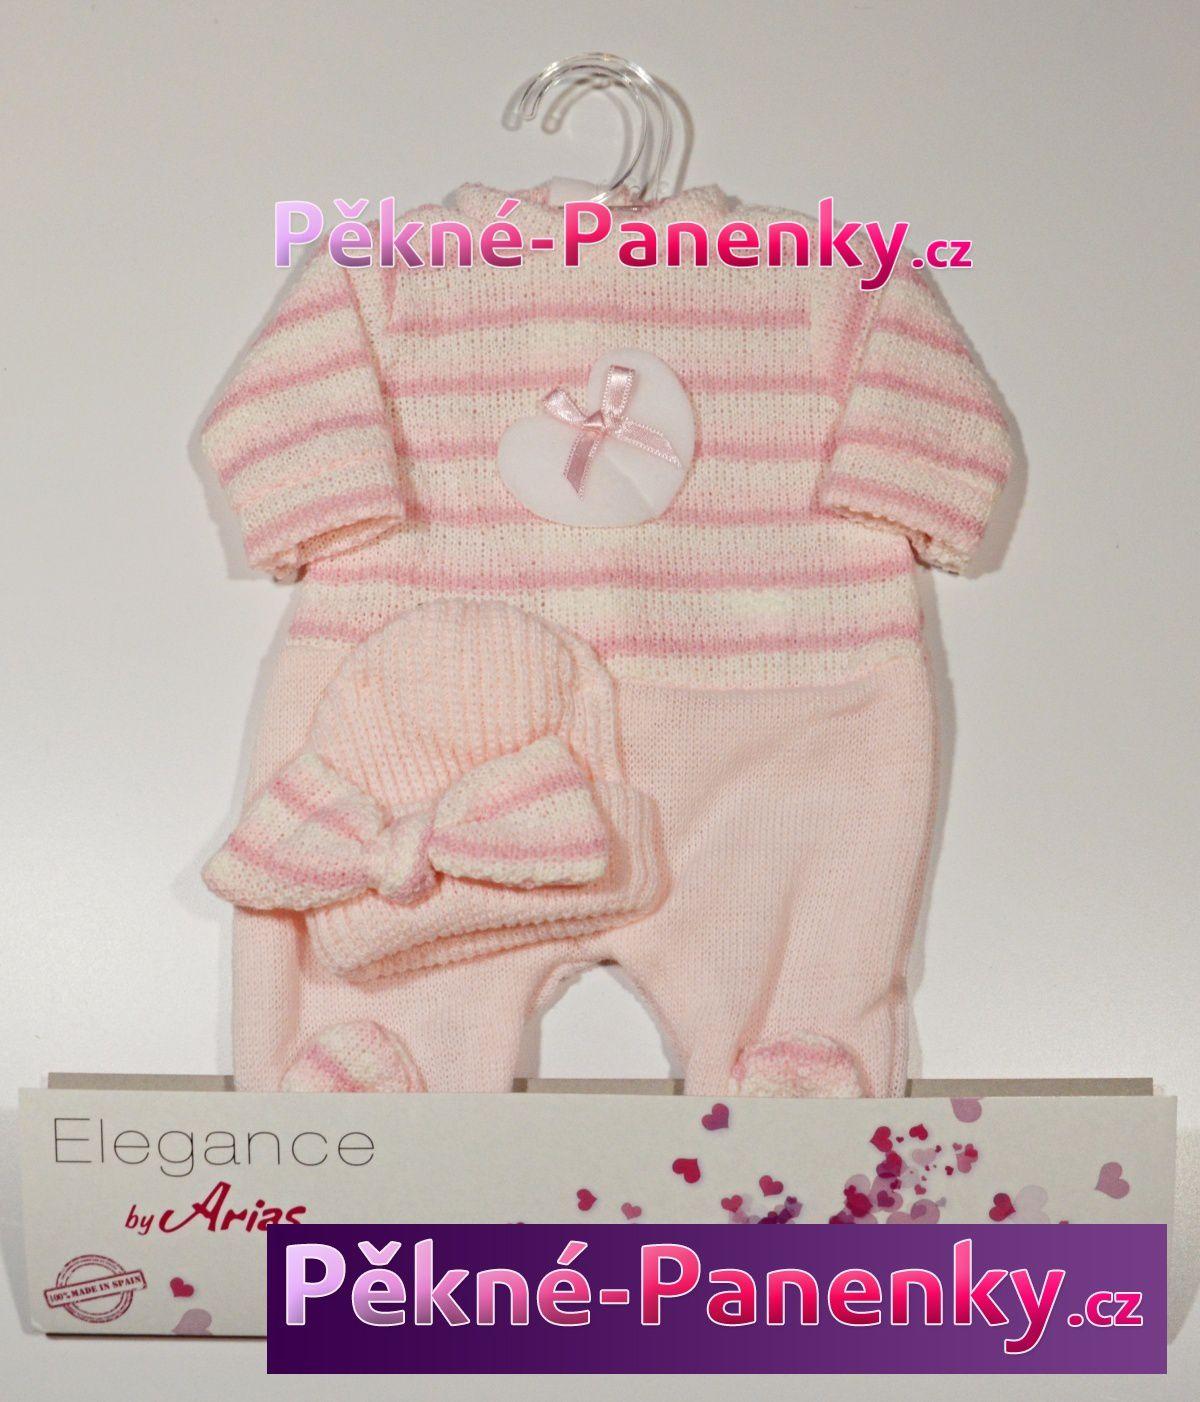 Arias levné oblečky, kvalitní oblečení pro panenky, háčkované šatičky pro panenku, pletené oblečky na oblékání, hračky pro holčičky